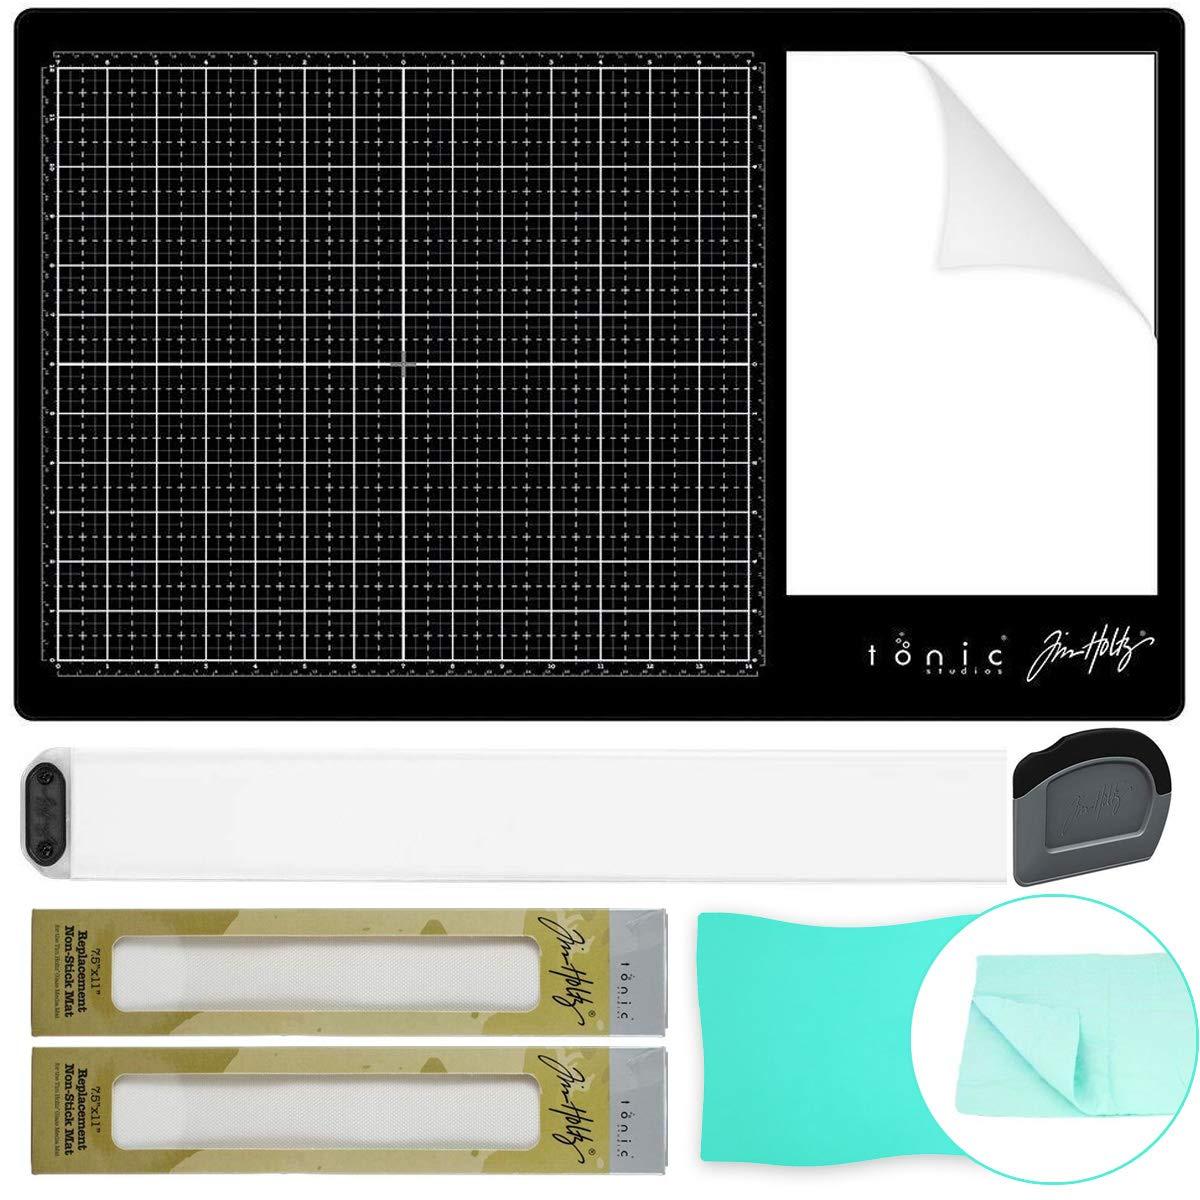 Tim Holtz Glass Media Mat 1914E, Media Tool Set 2124e, 2X Replacement Non-Stick Mat, Pixiss Craft Cleaning Shammy